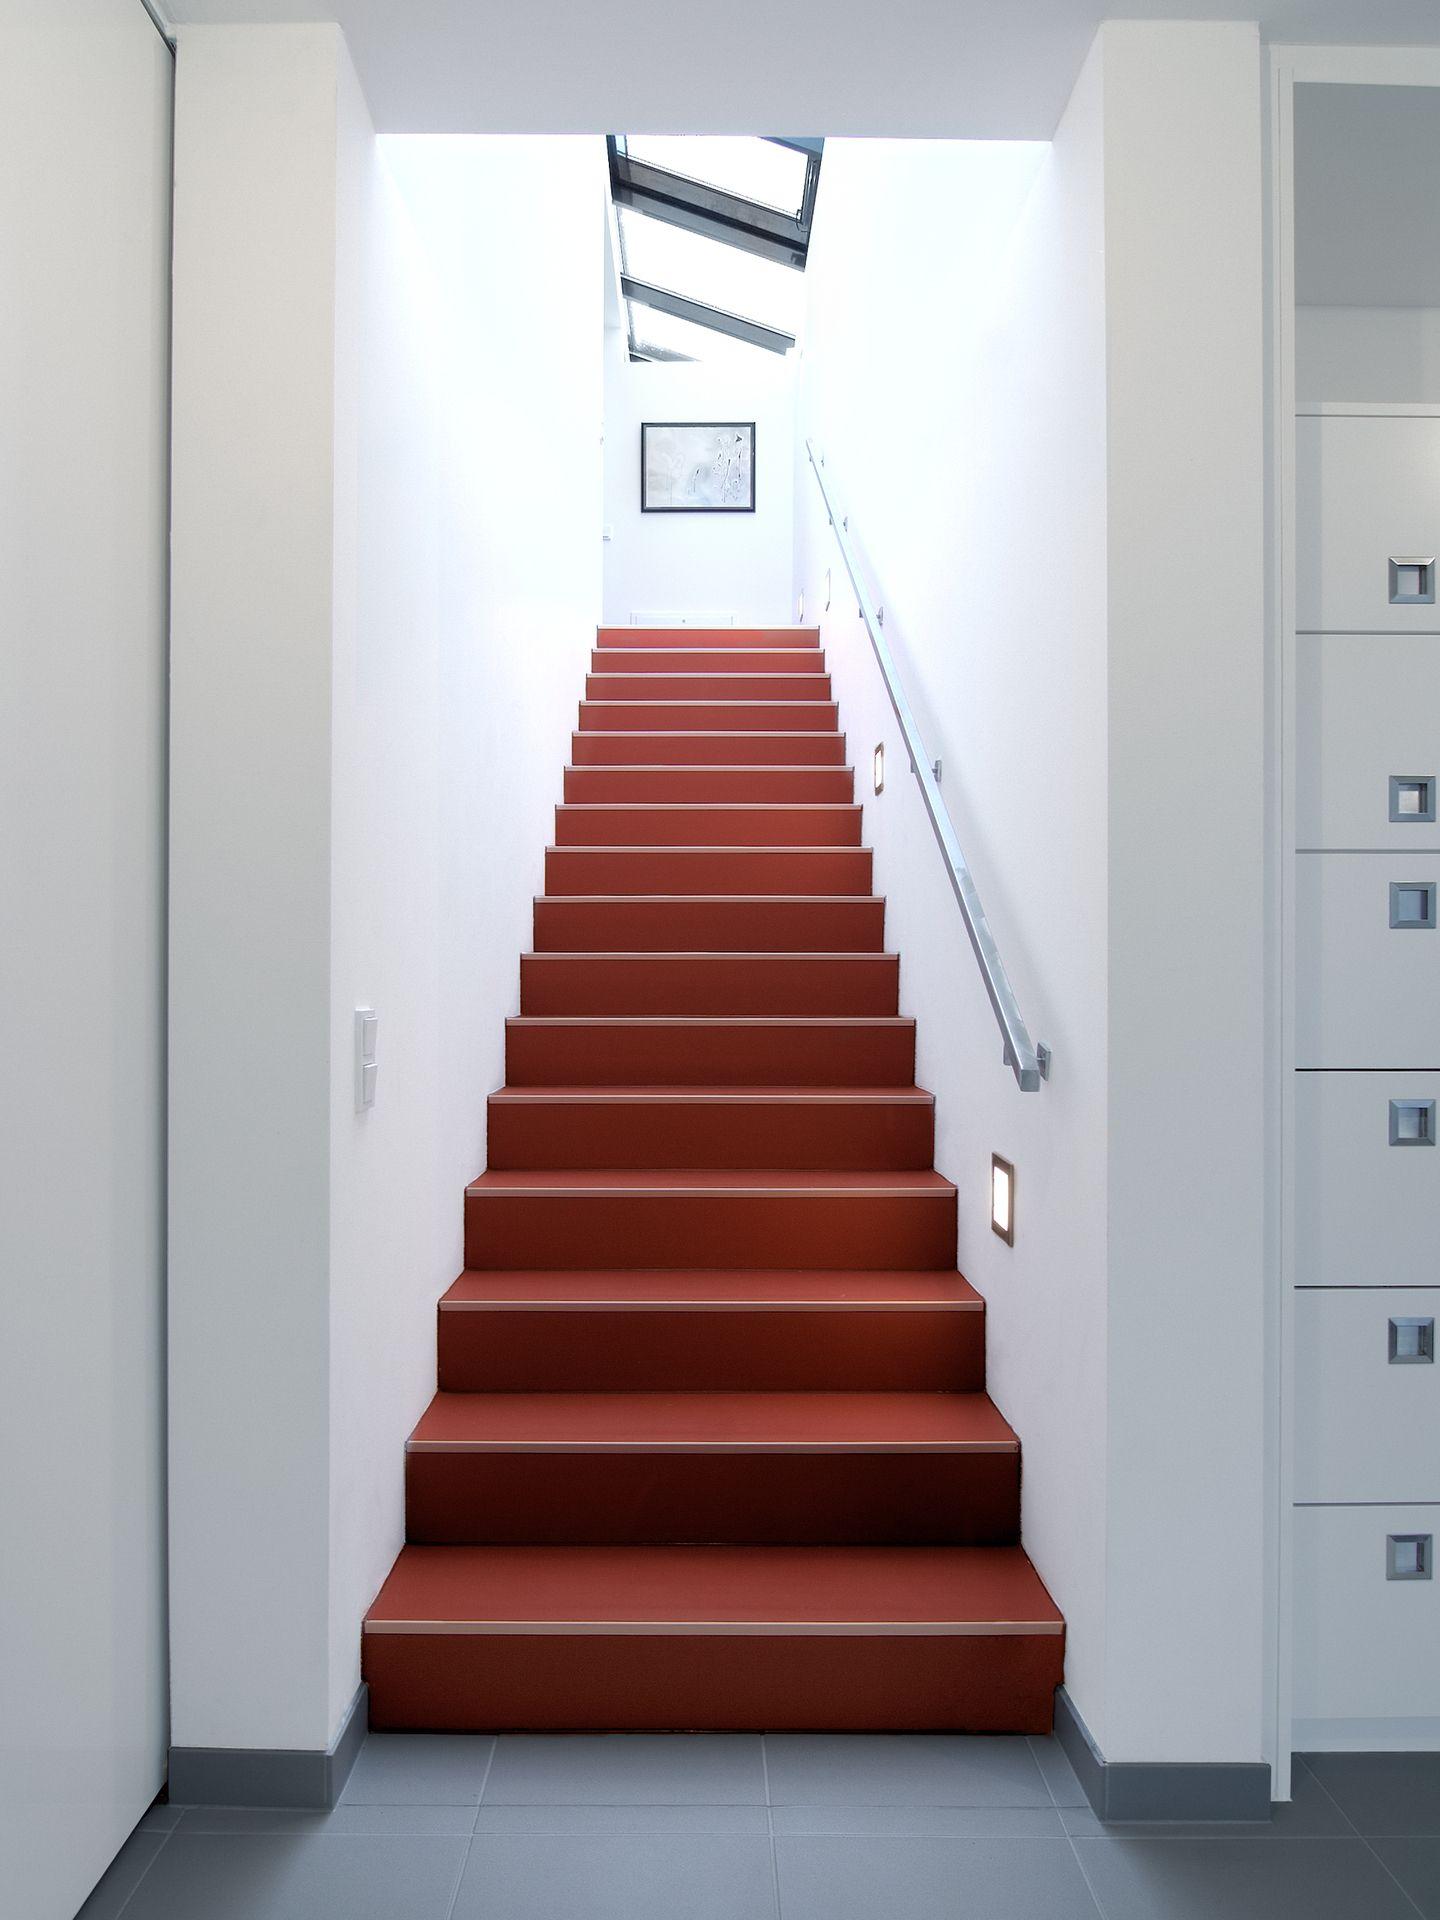 treppenaufgang in kr ftigem rot. Black Bedroom Furniture Sets. Home Design Ideas